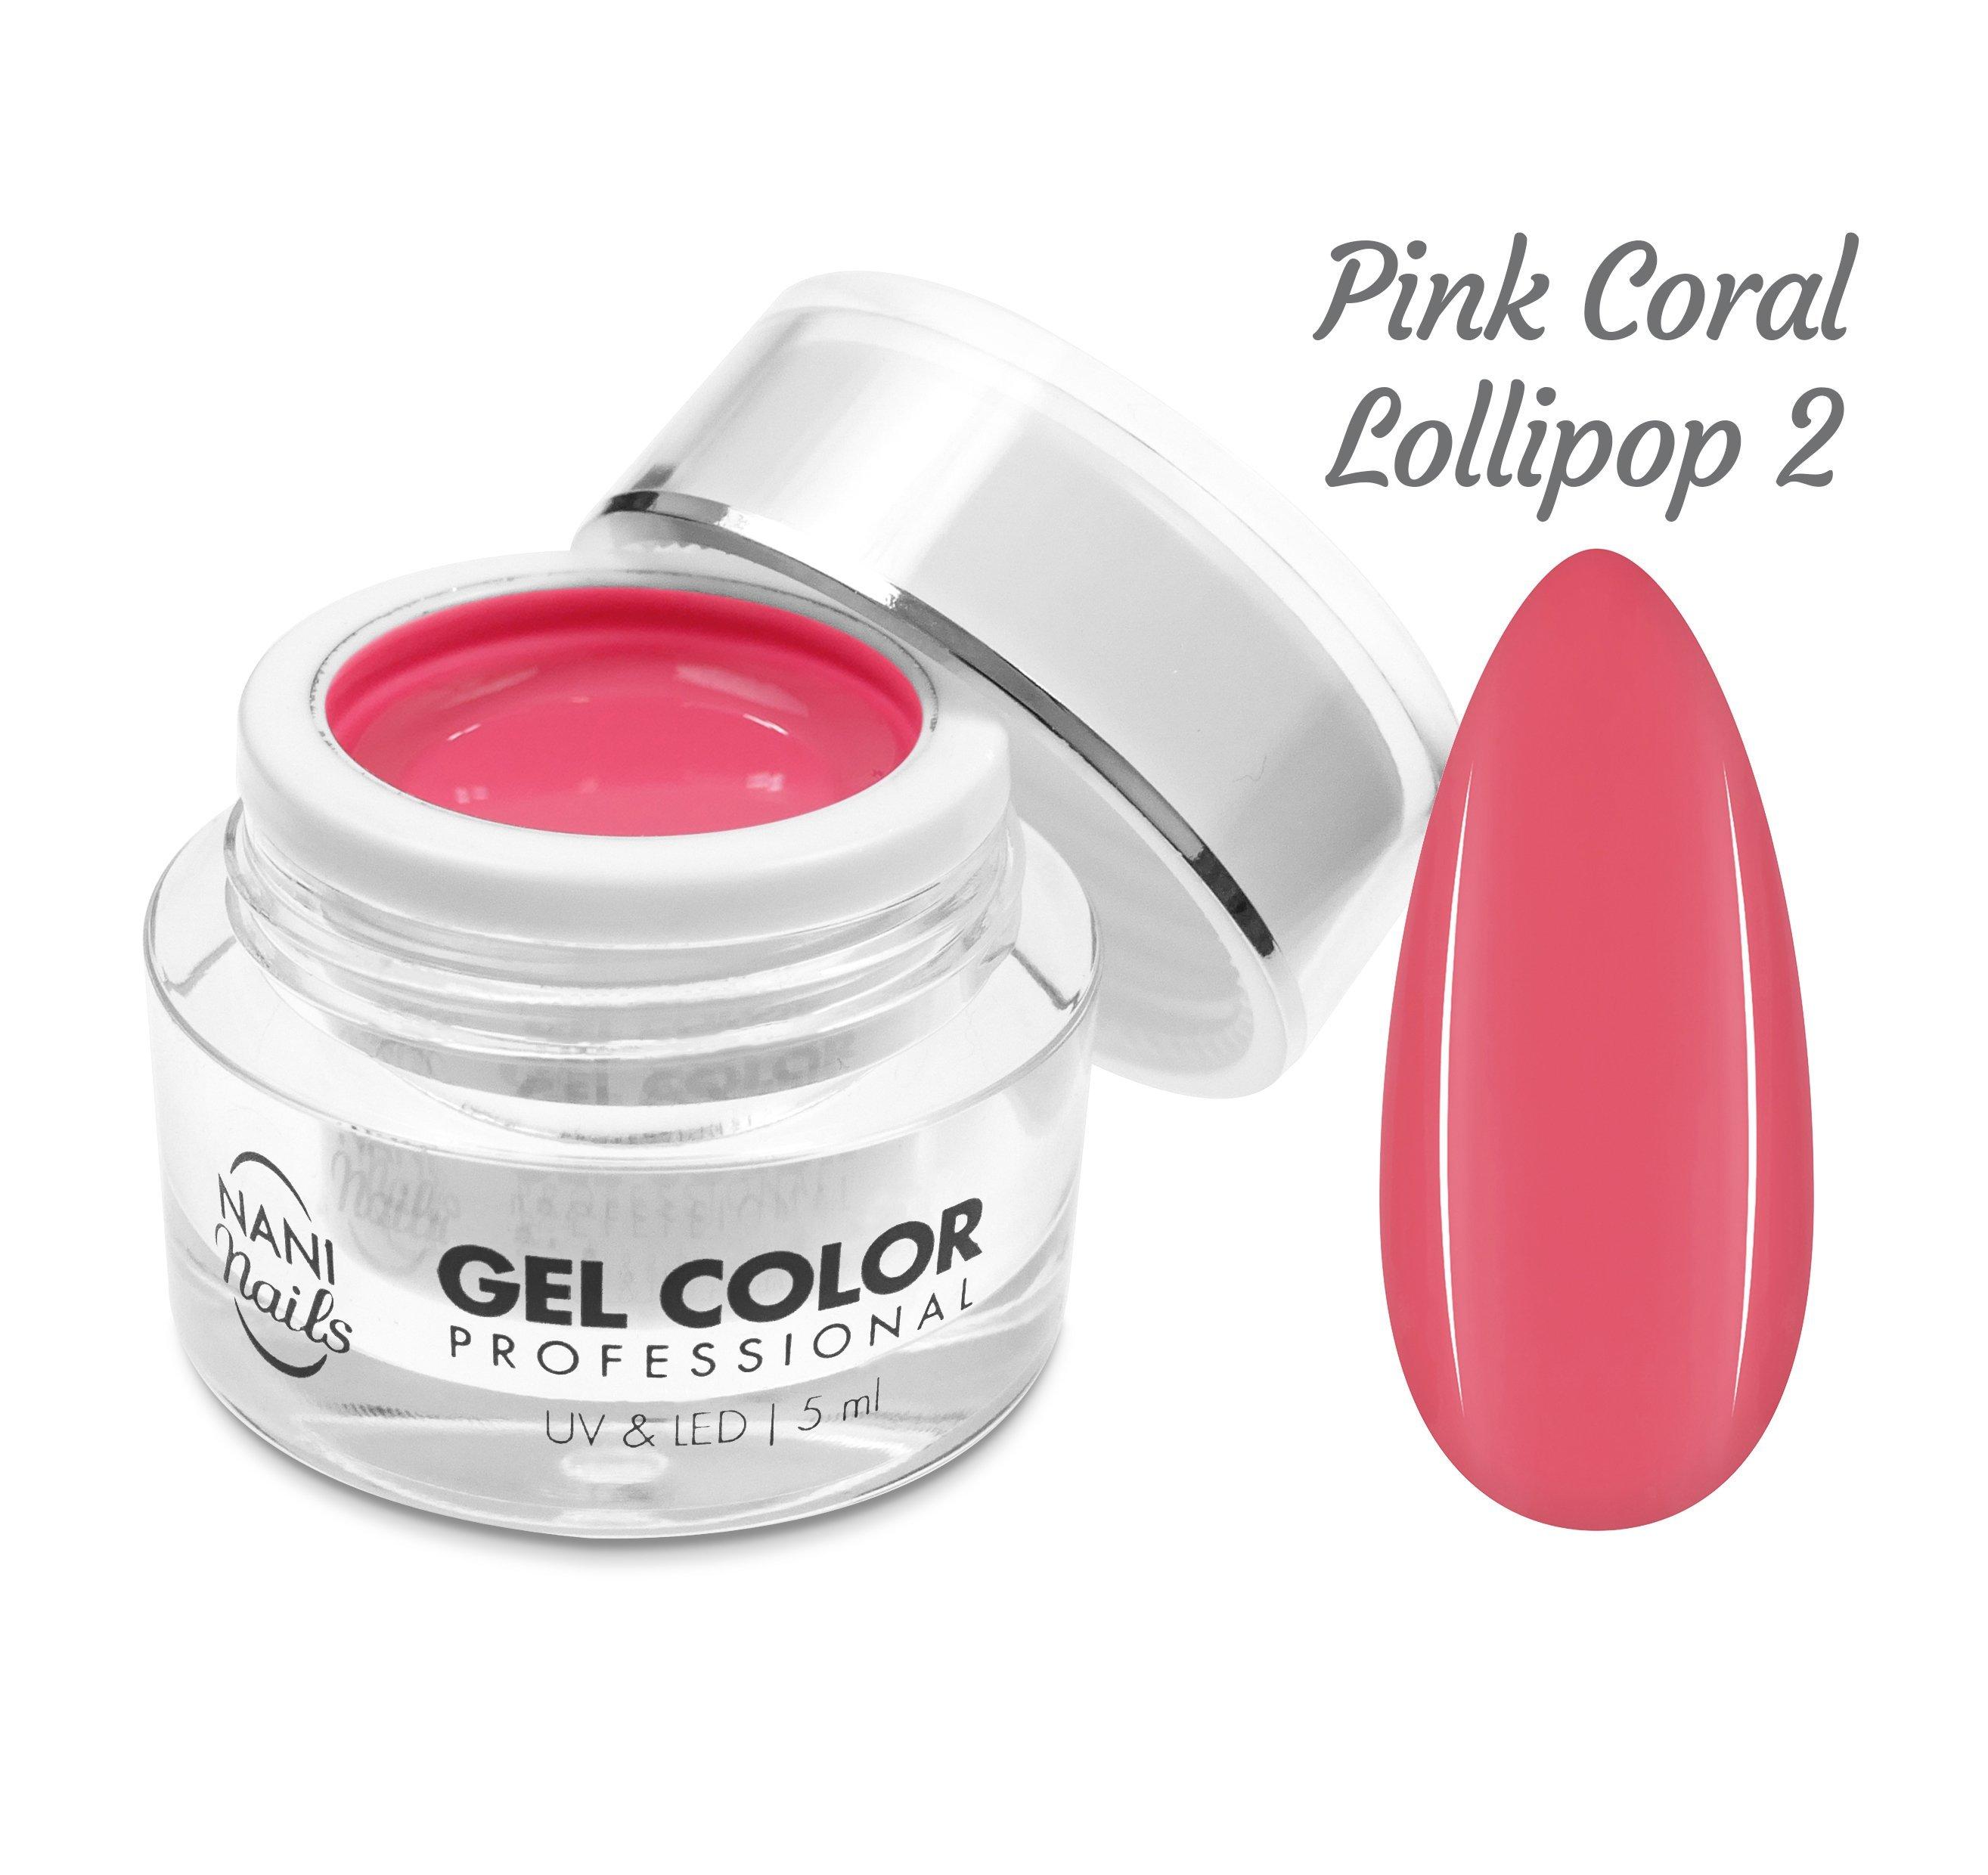 NANI UV/LED gél Professional 5 ml - Pink Coral Lollipop